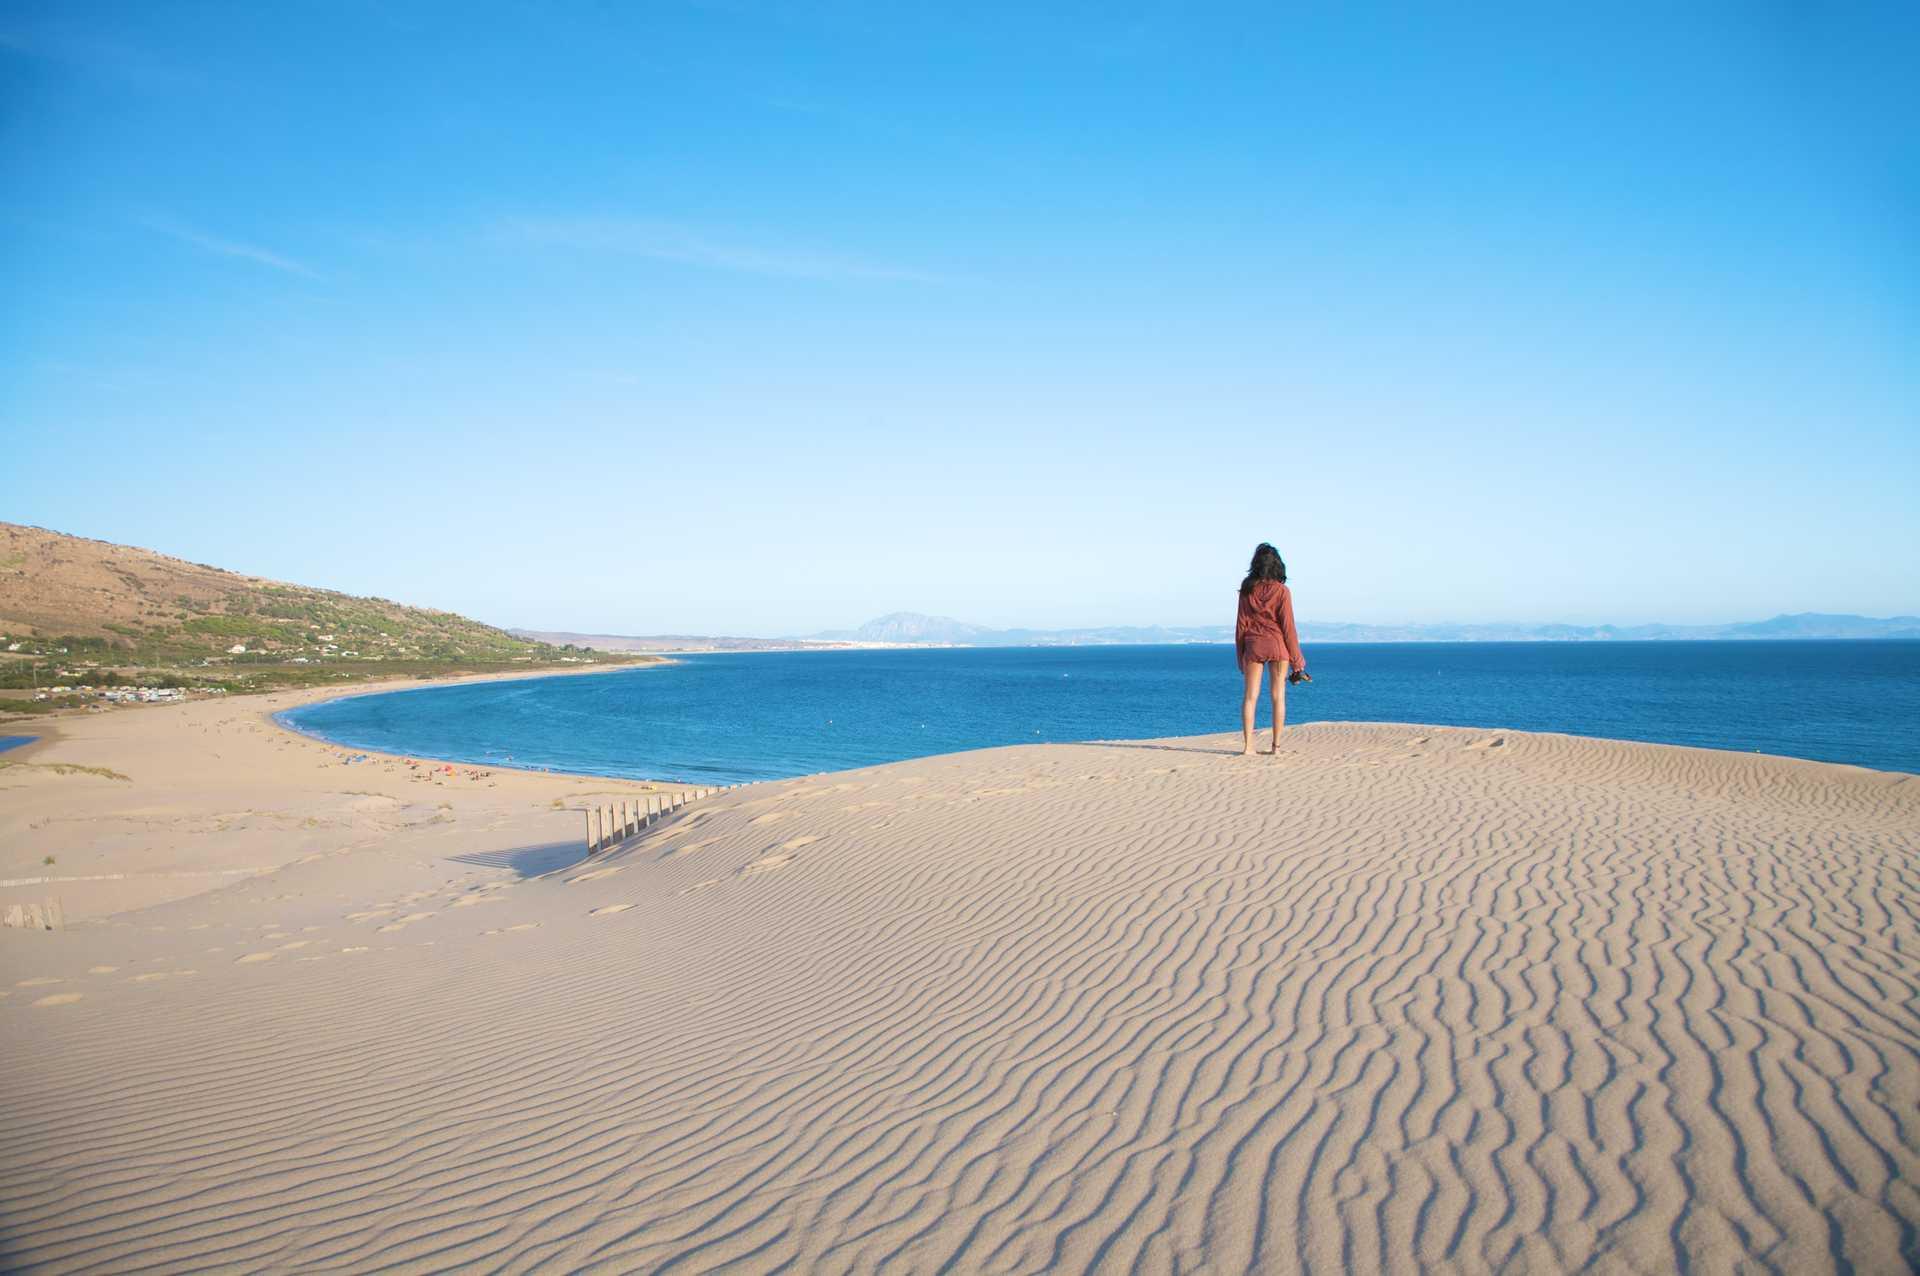 Dune de sable en Espagne